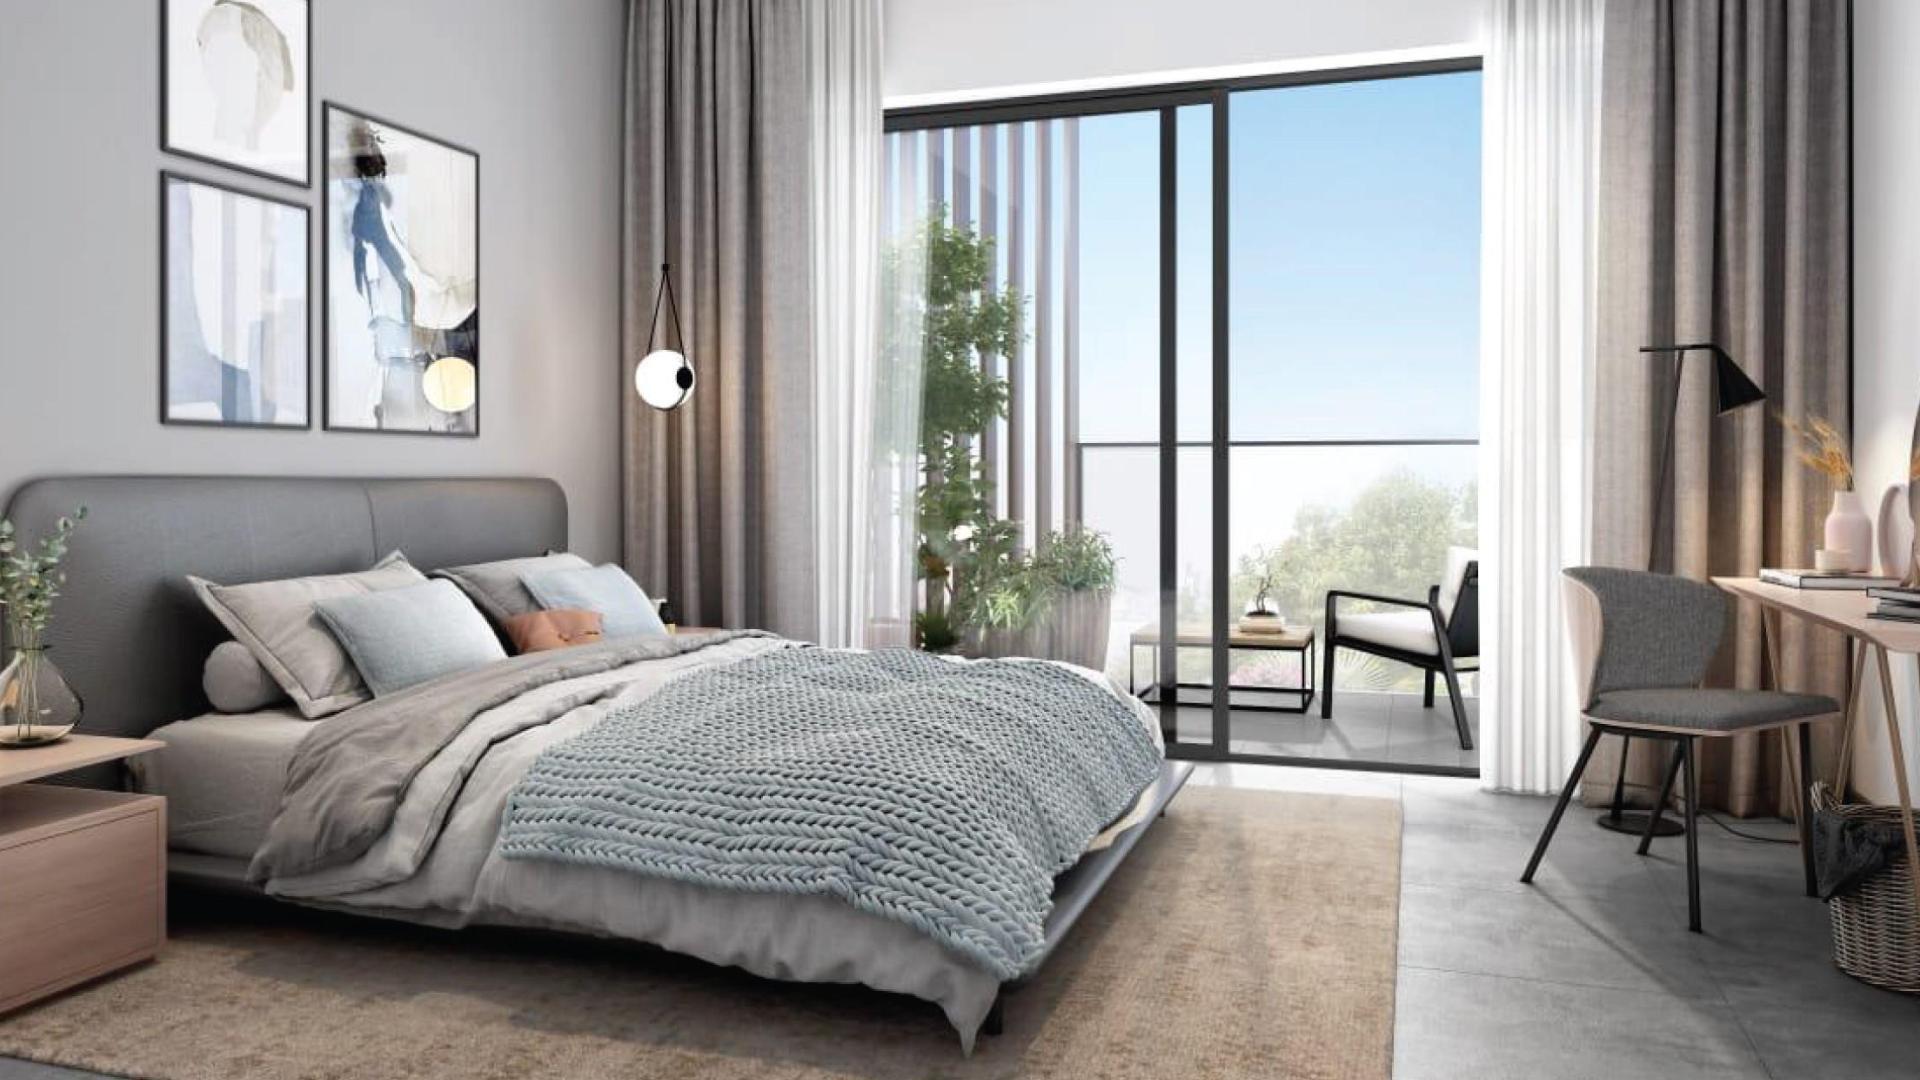 Villa en venta en Dubai, EAU, 4 dormitorios, 231 m2, № 24353 – foto 1